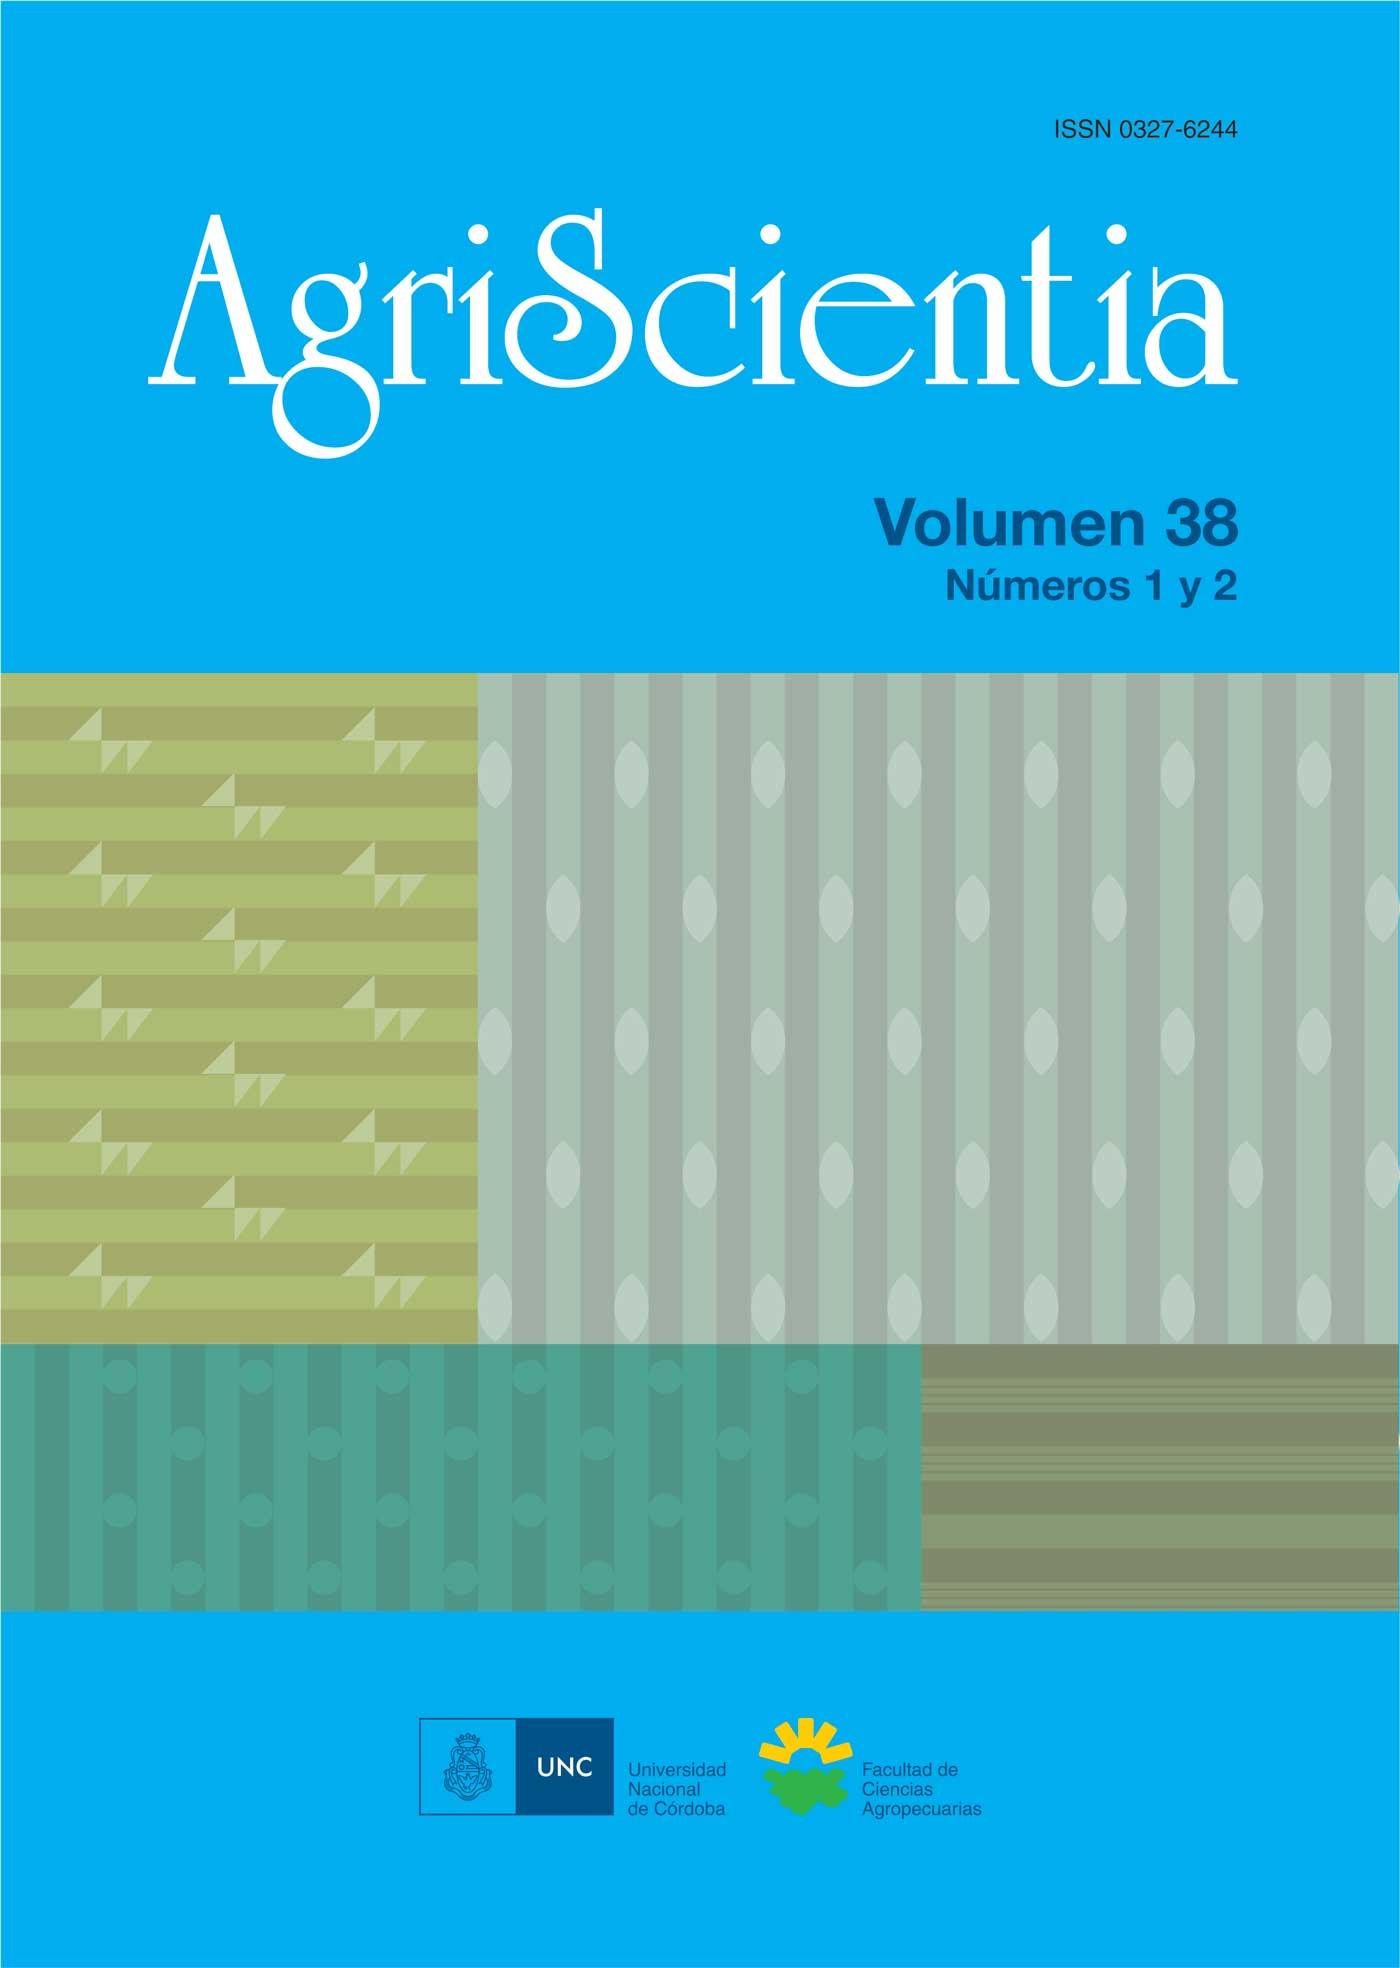 Tapa revista AgriScientia Vol. 38 Números 1 y 2